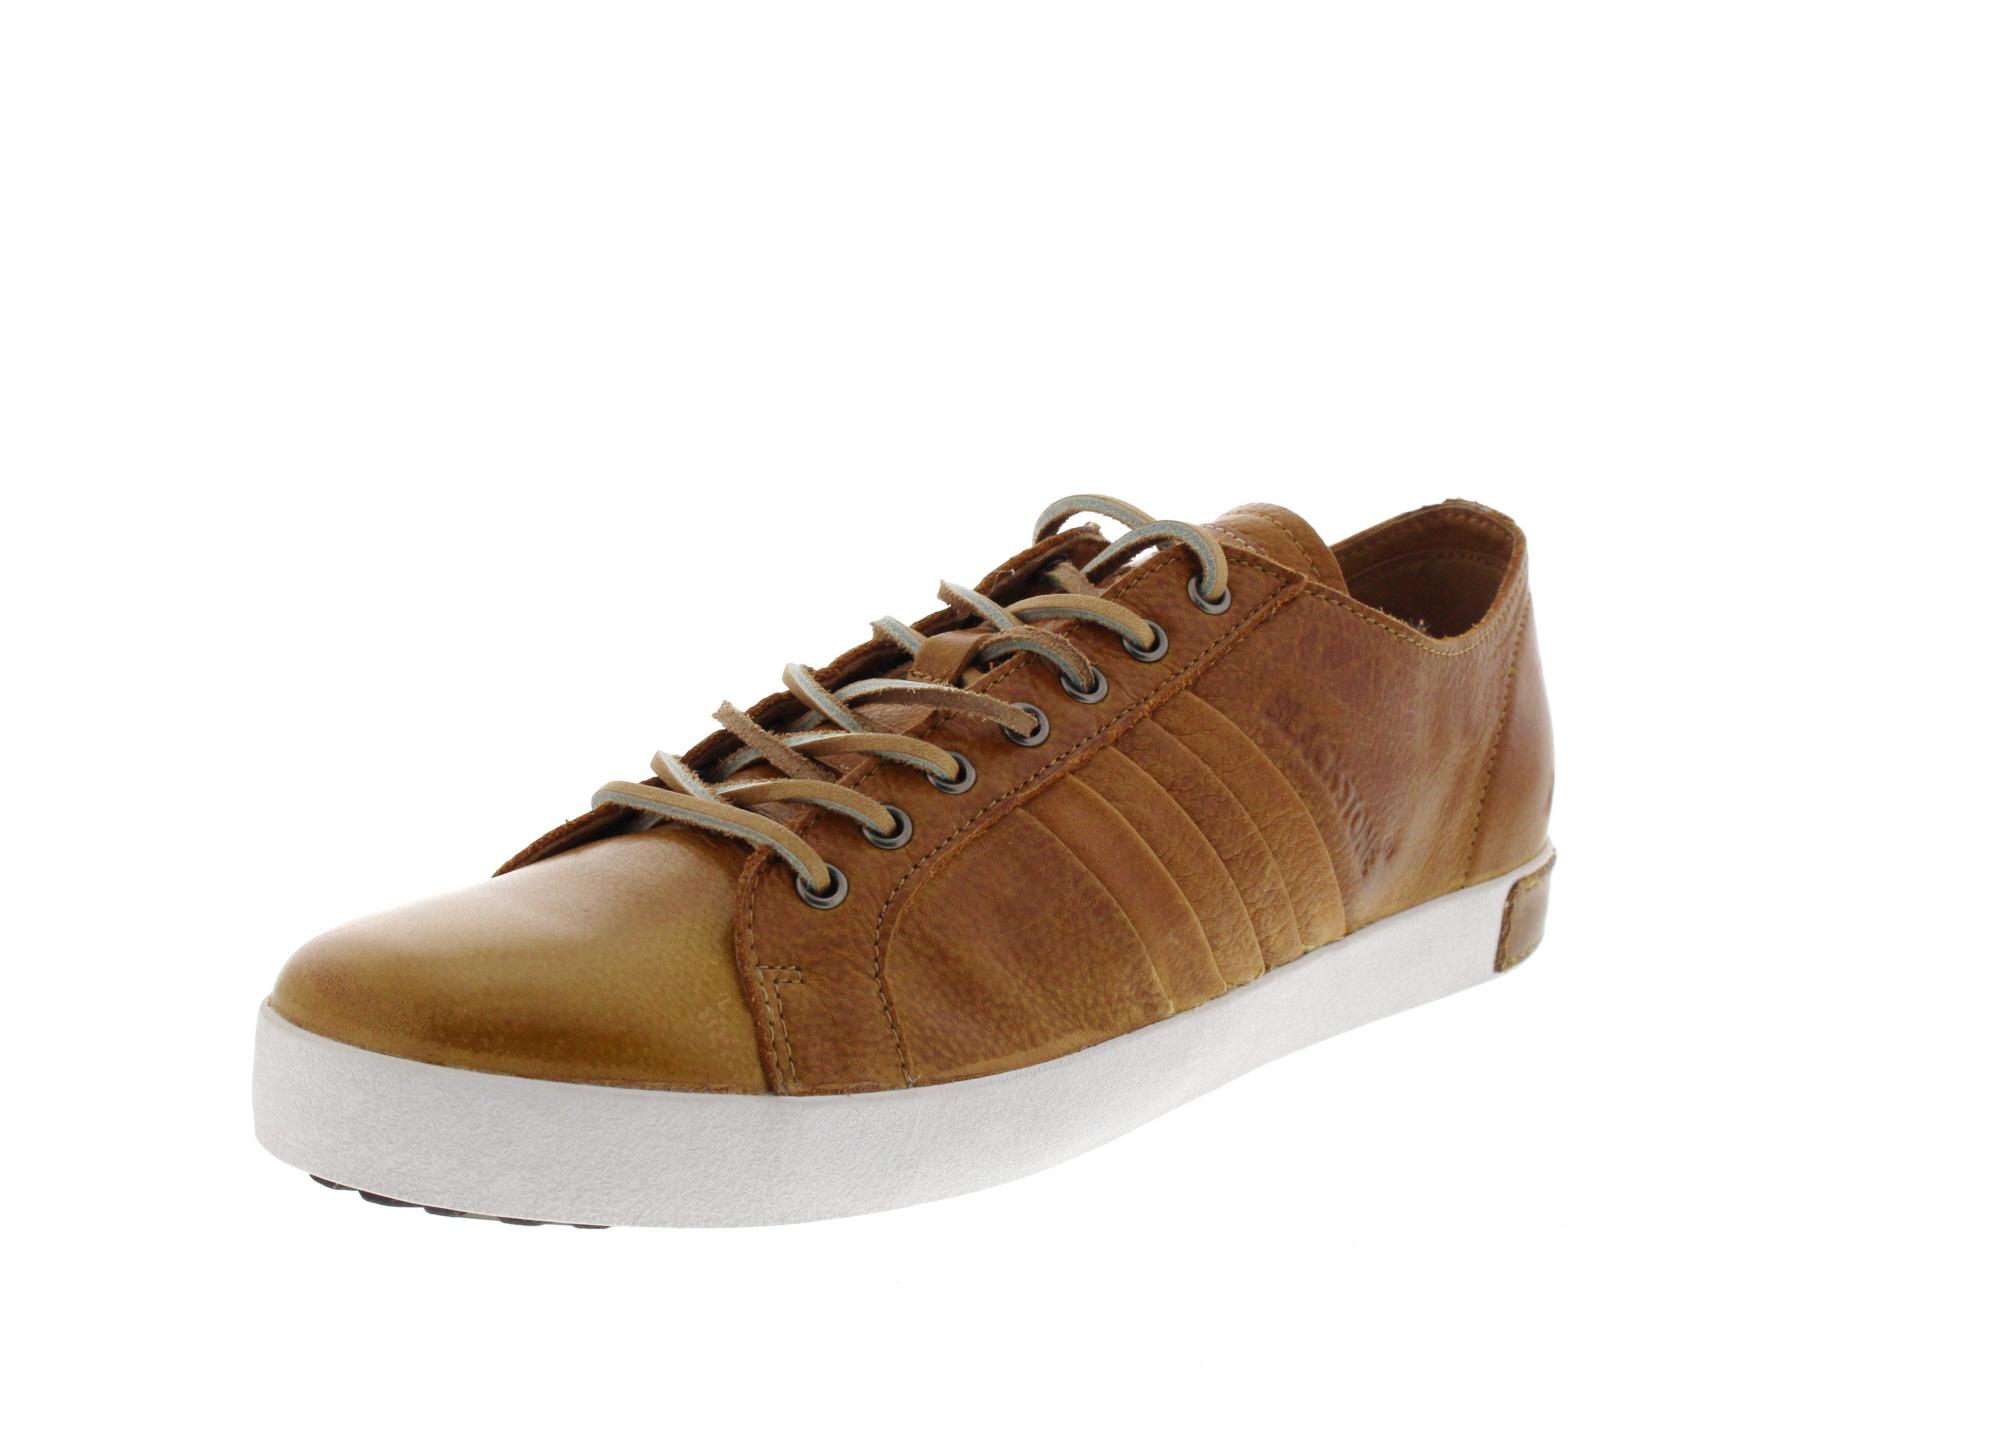 BLACKSTONE Herrenschuhe - Sneakers JM11 - rust-0